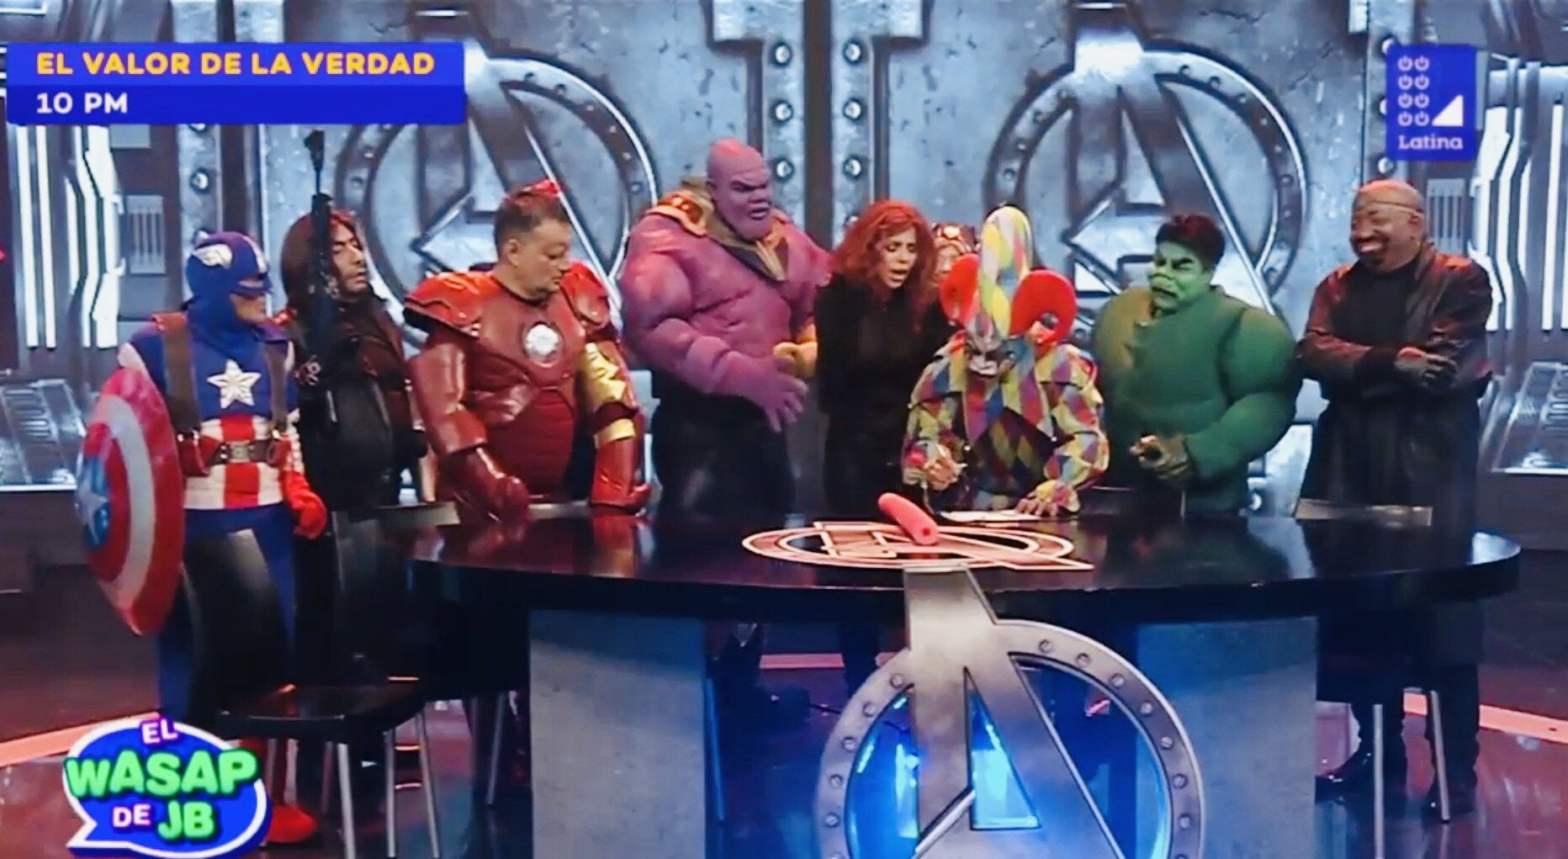 El Wasap de JB y el sketch de los Avengers Endgame con Kenji Fujimori